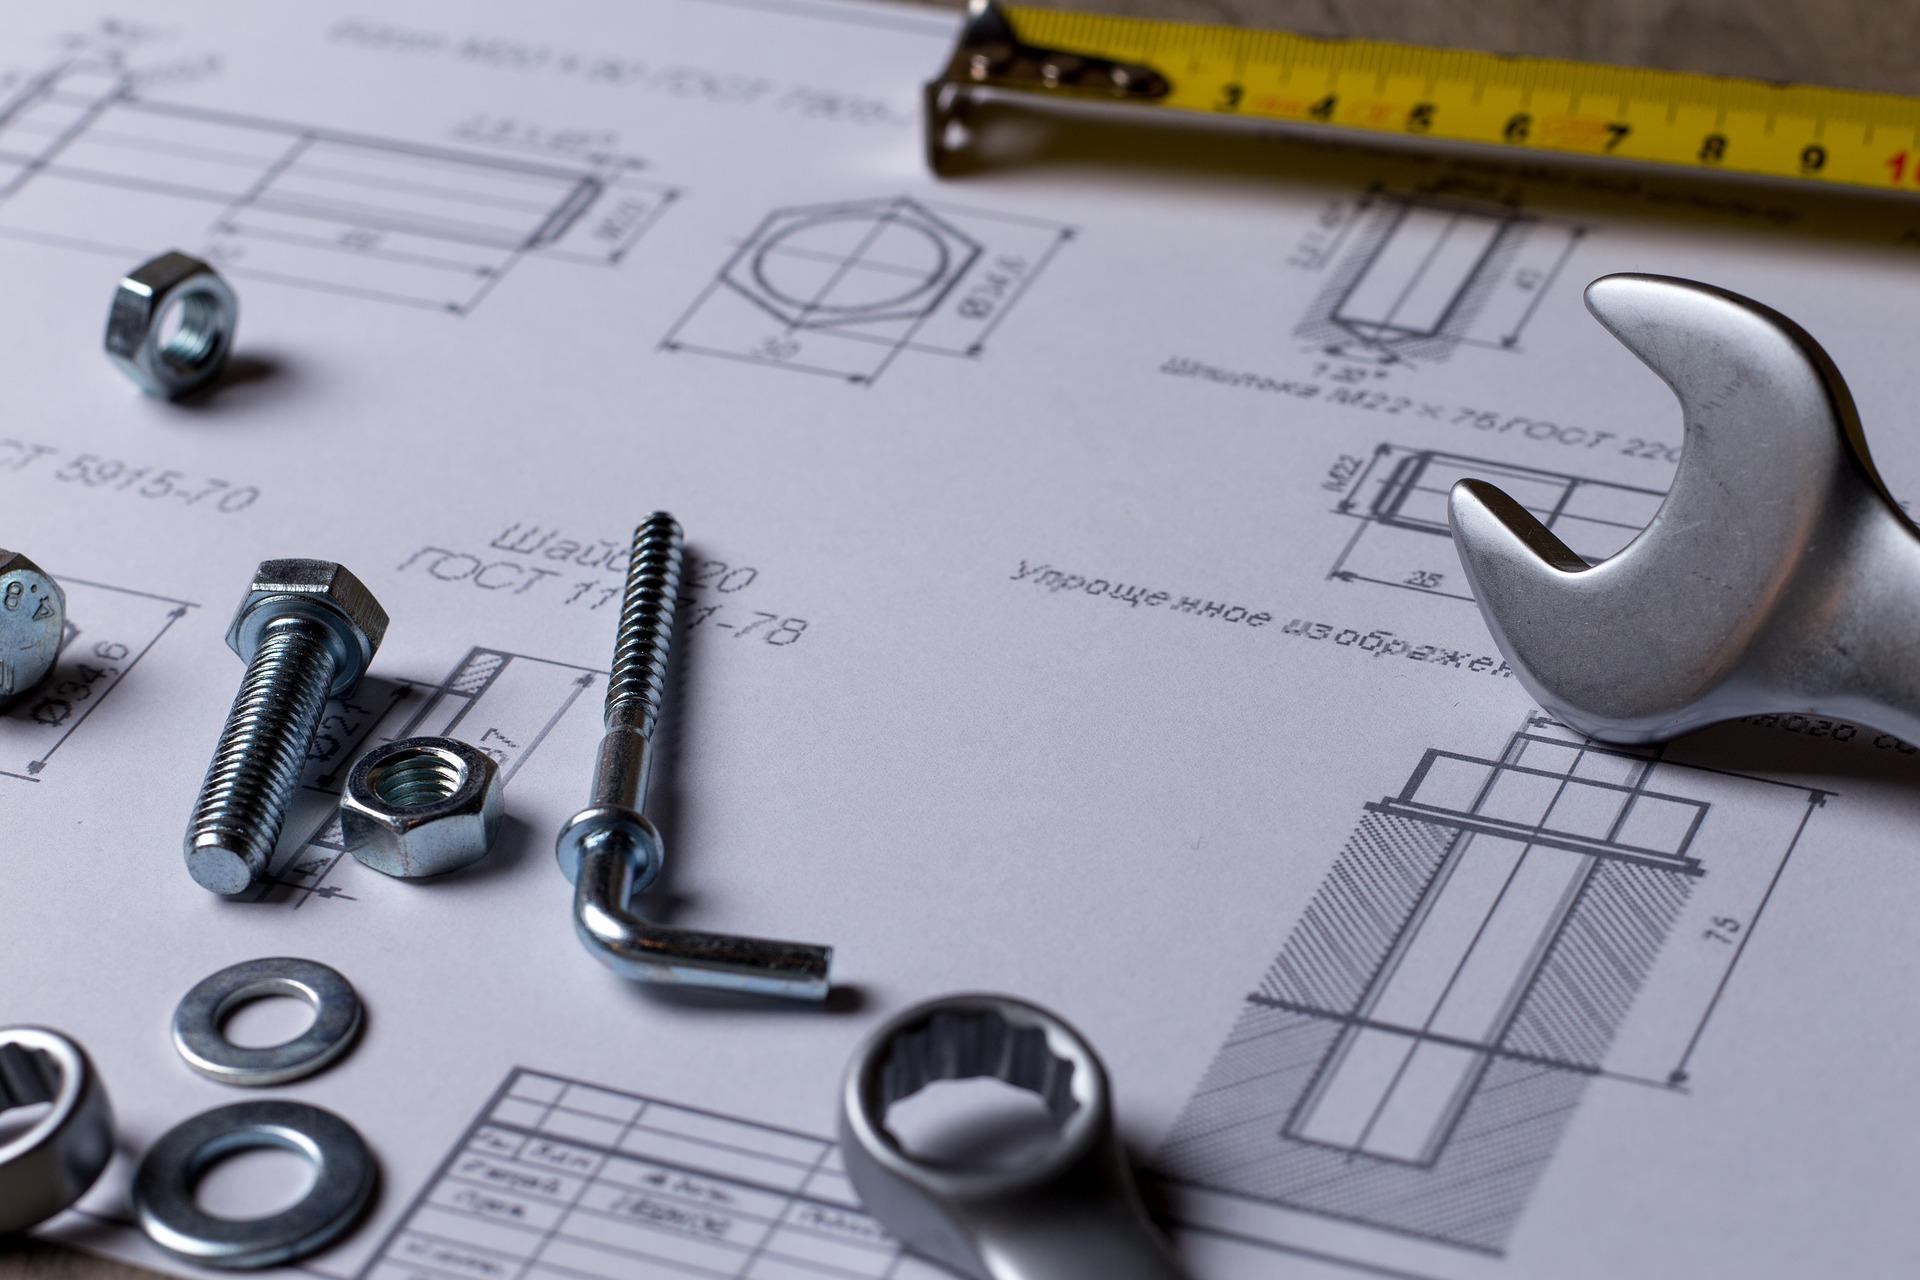 期間工は「組立・組み付け工程」に配属される可能性が高い